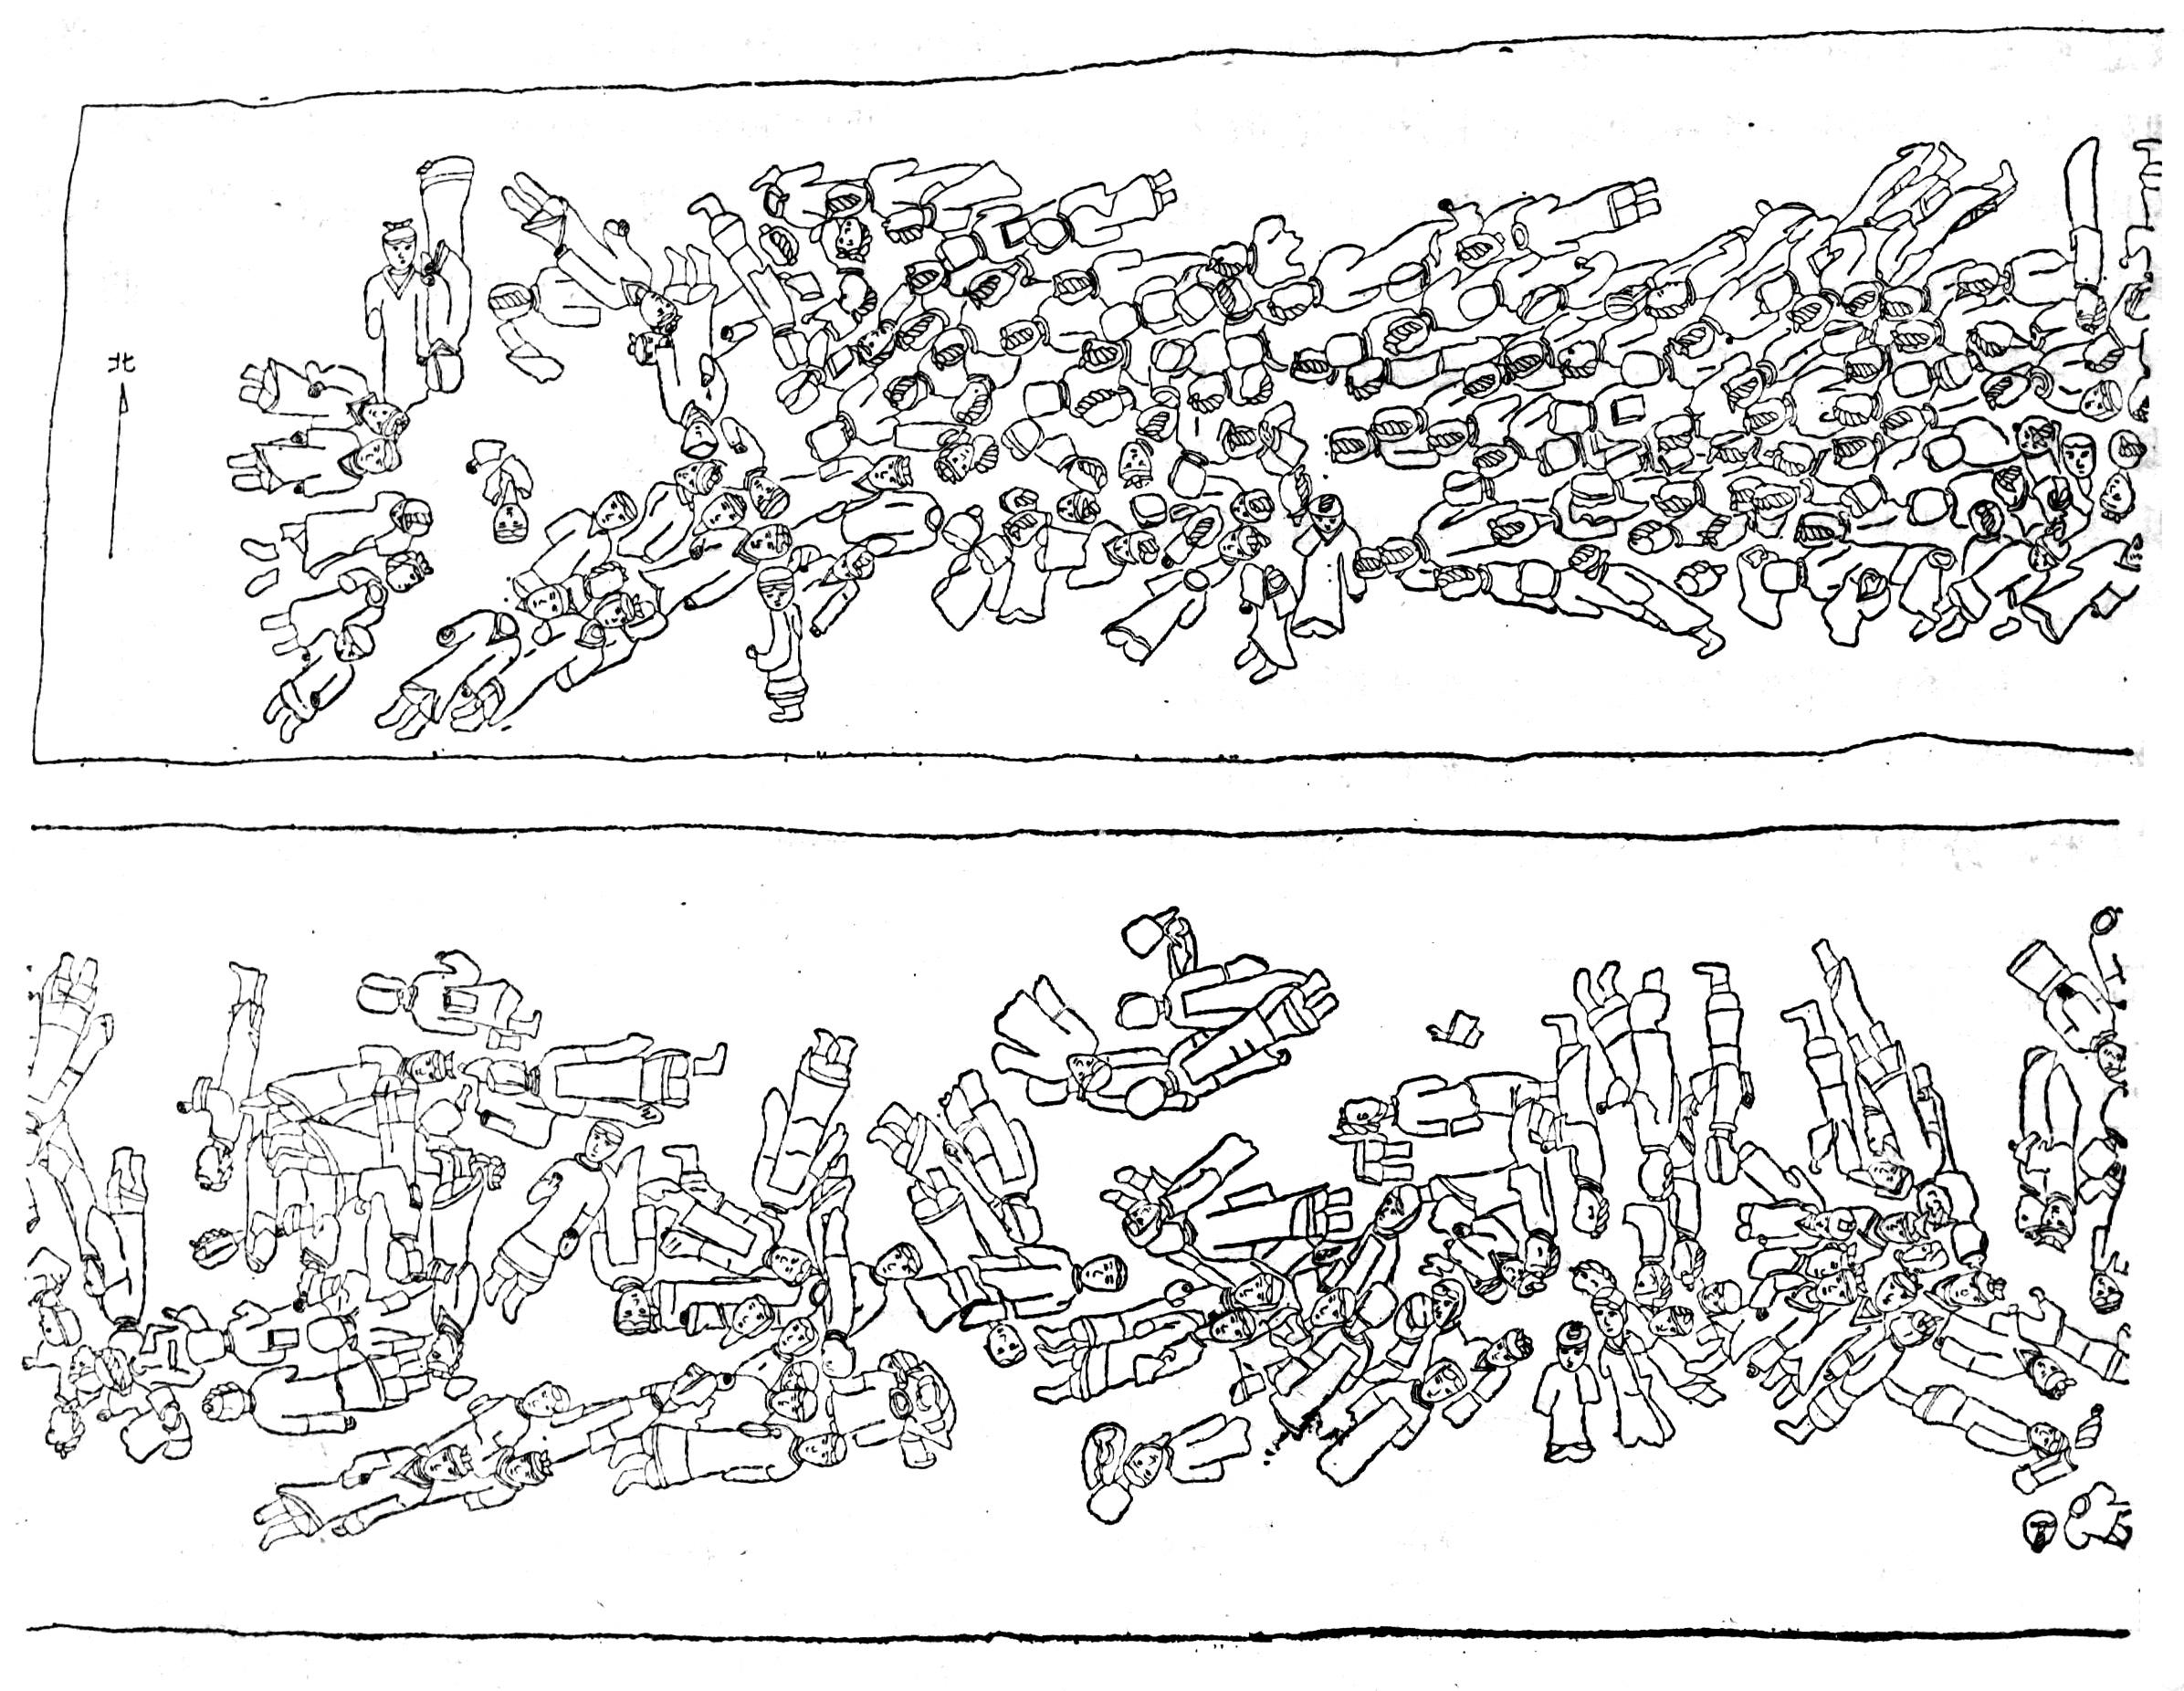 徐州狮子山兵马俑坑第一次发掘简报 徐州博物馆 1984年12月初,江苏省徐州市砖瓦厂在东郊狮子山西簏取土,发现了古代彩绘陶兵马俑。徐州博物馆随即进行了现场调查,了解到这里是一处兵马俑坑。  图一:狮子山兵马俑坑位置示意图  图二:俑坑东南200米处采土场黄河泛滥淤积层剖面图 1、废土层 2、耕土层(黑褐色)3、黄河淤沙土层 4、黄褐色淤沙土层 5、黄沙淤积土层 6、黄沙泥层 7、黄沙淤土层 8、黑色淤沙土层(河相沉积)9、黏土层(黄红褐色)10、生土层 狮子山为一东西走向的石灰岩山包,海拔61米。其北约1